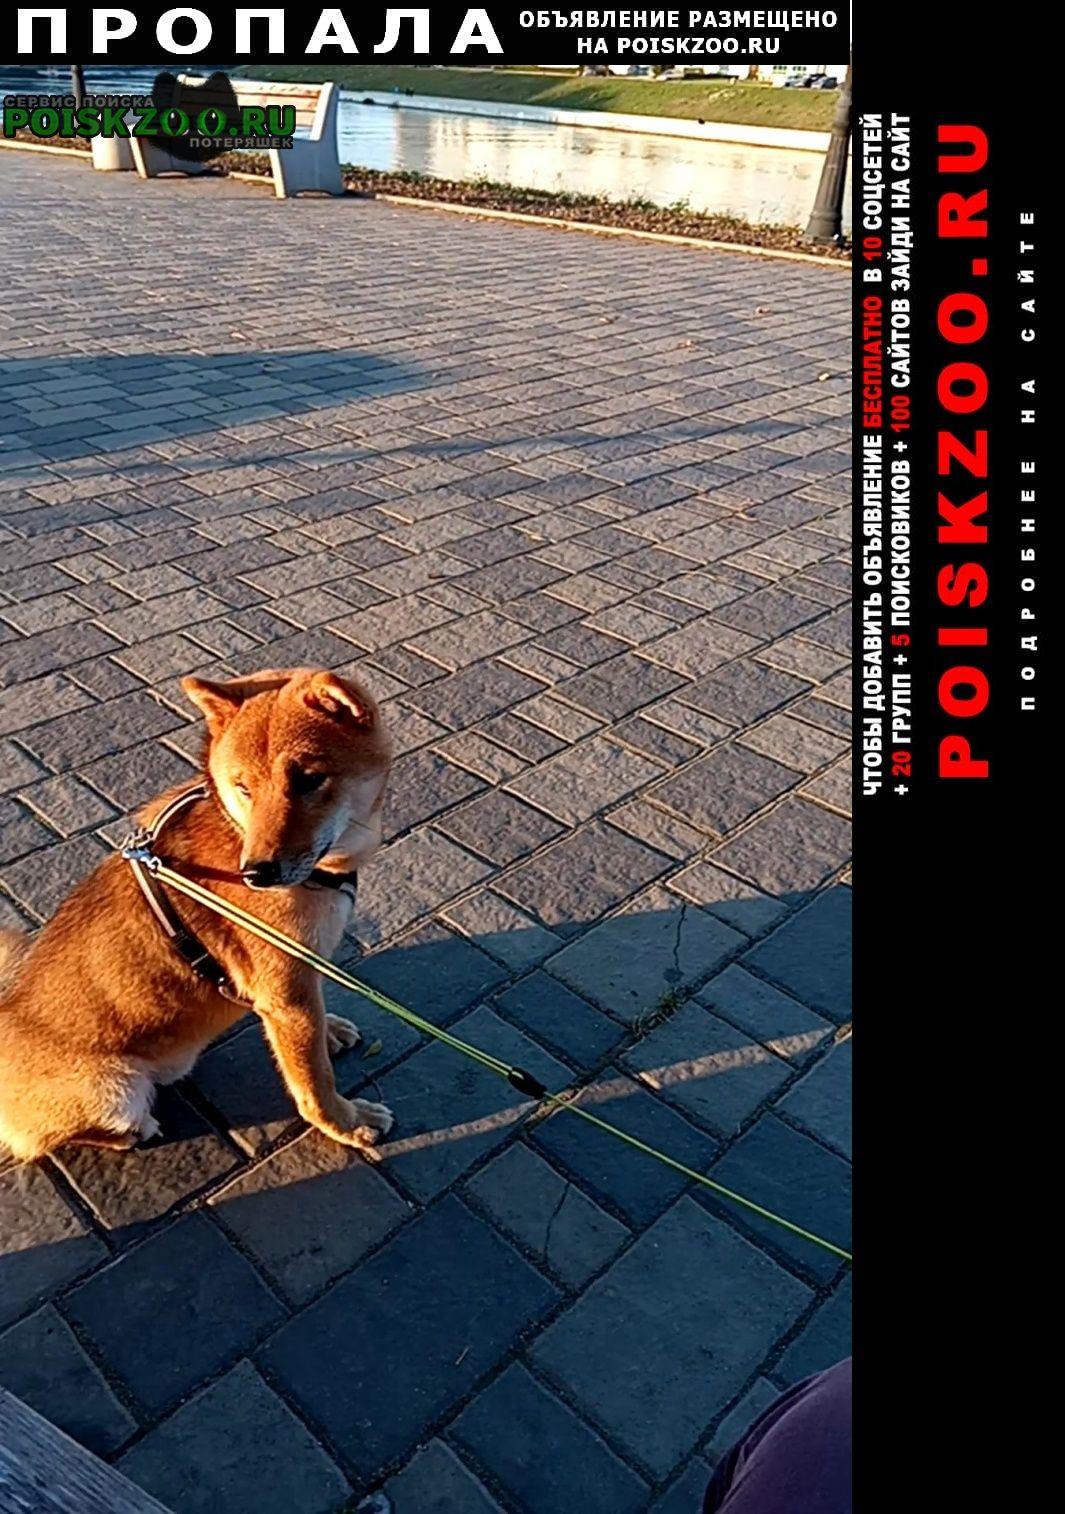 Пропала собака сиба-ину Сходня